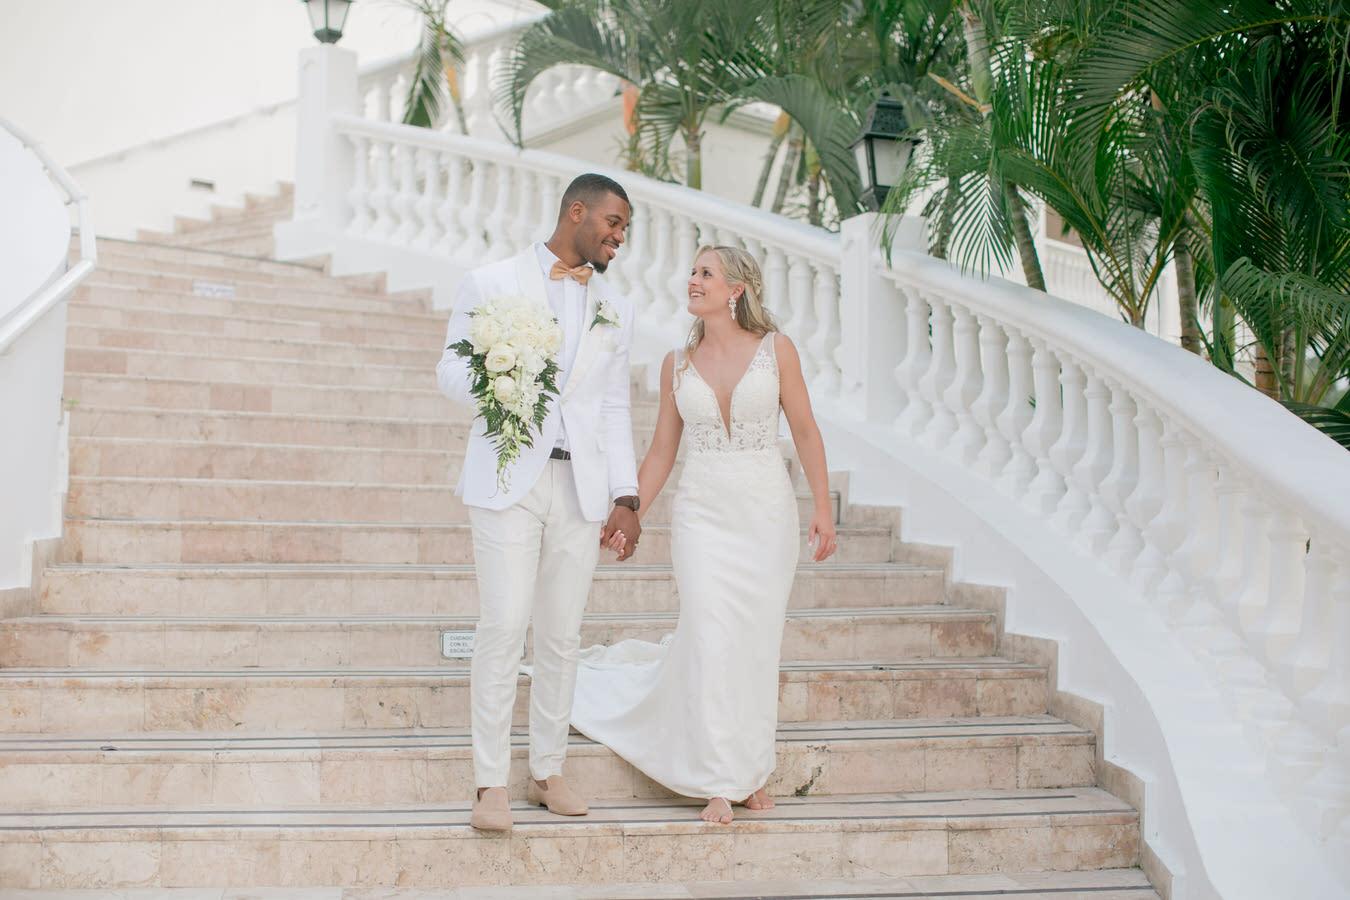 Ashley___Michael___Daniel_Ricci_Weddings_High_Res._Final_0303.jpg